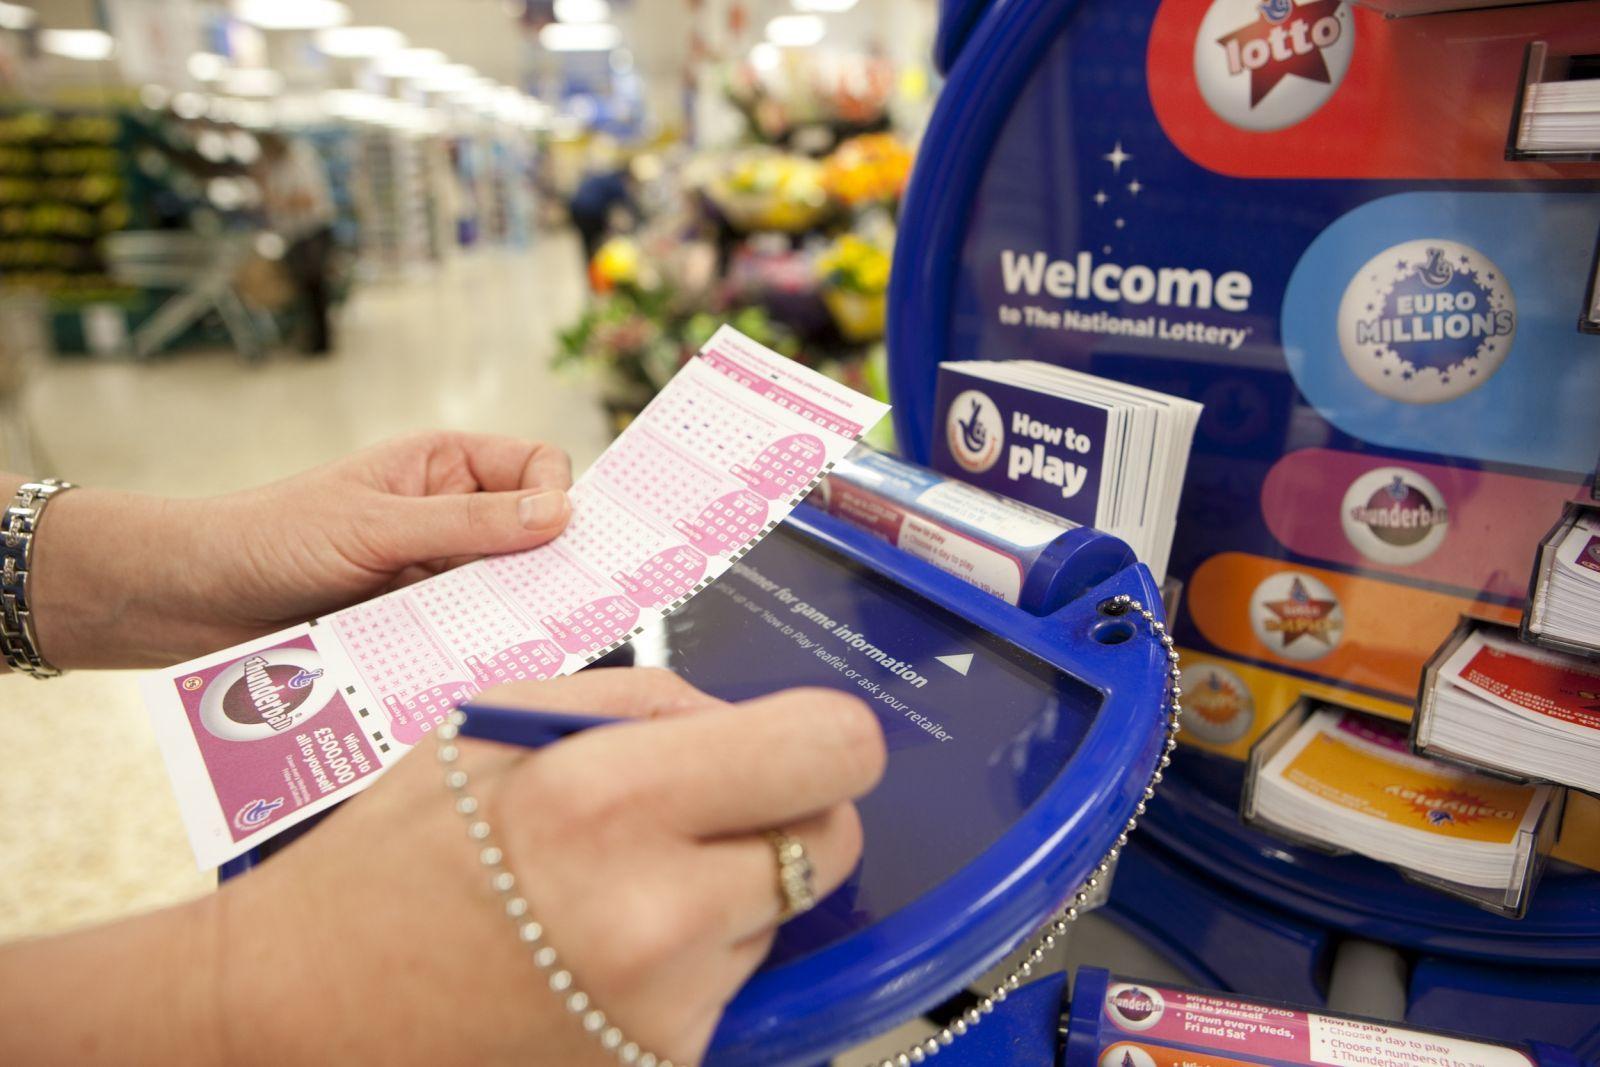 Η Επιτροπή Τυχερών Παιχνιδιών της Αγγλίας (UKGC) αποκάλυψε ότι η Εθνική Λοταρία είναι η πιο δημοφιλής δραστηριότητα στα τυχερά παιχνίδια στην Αγγλία